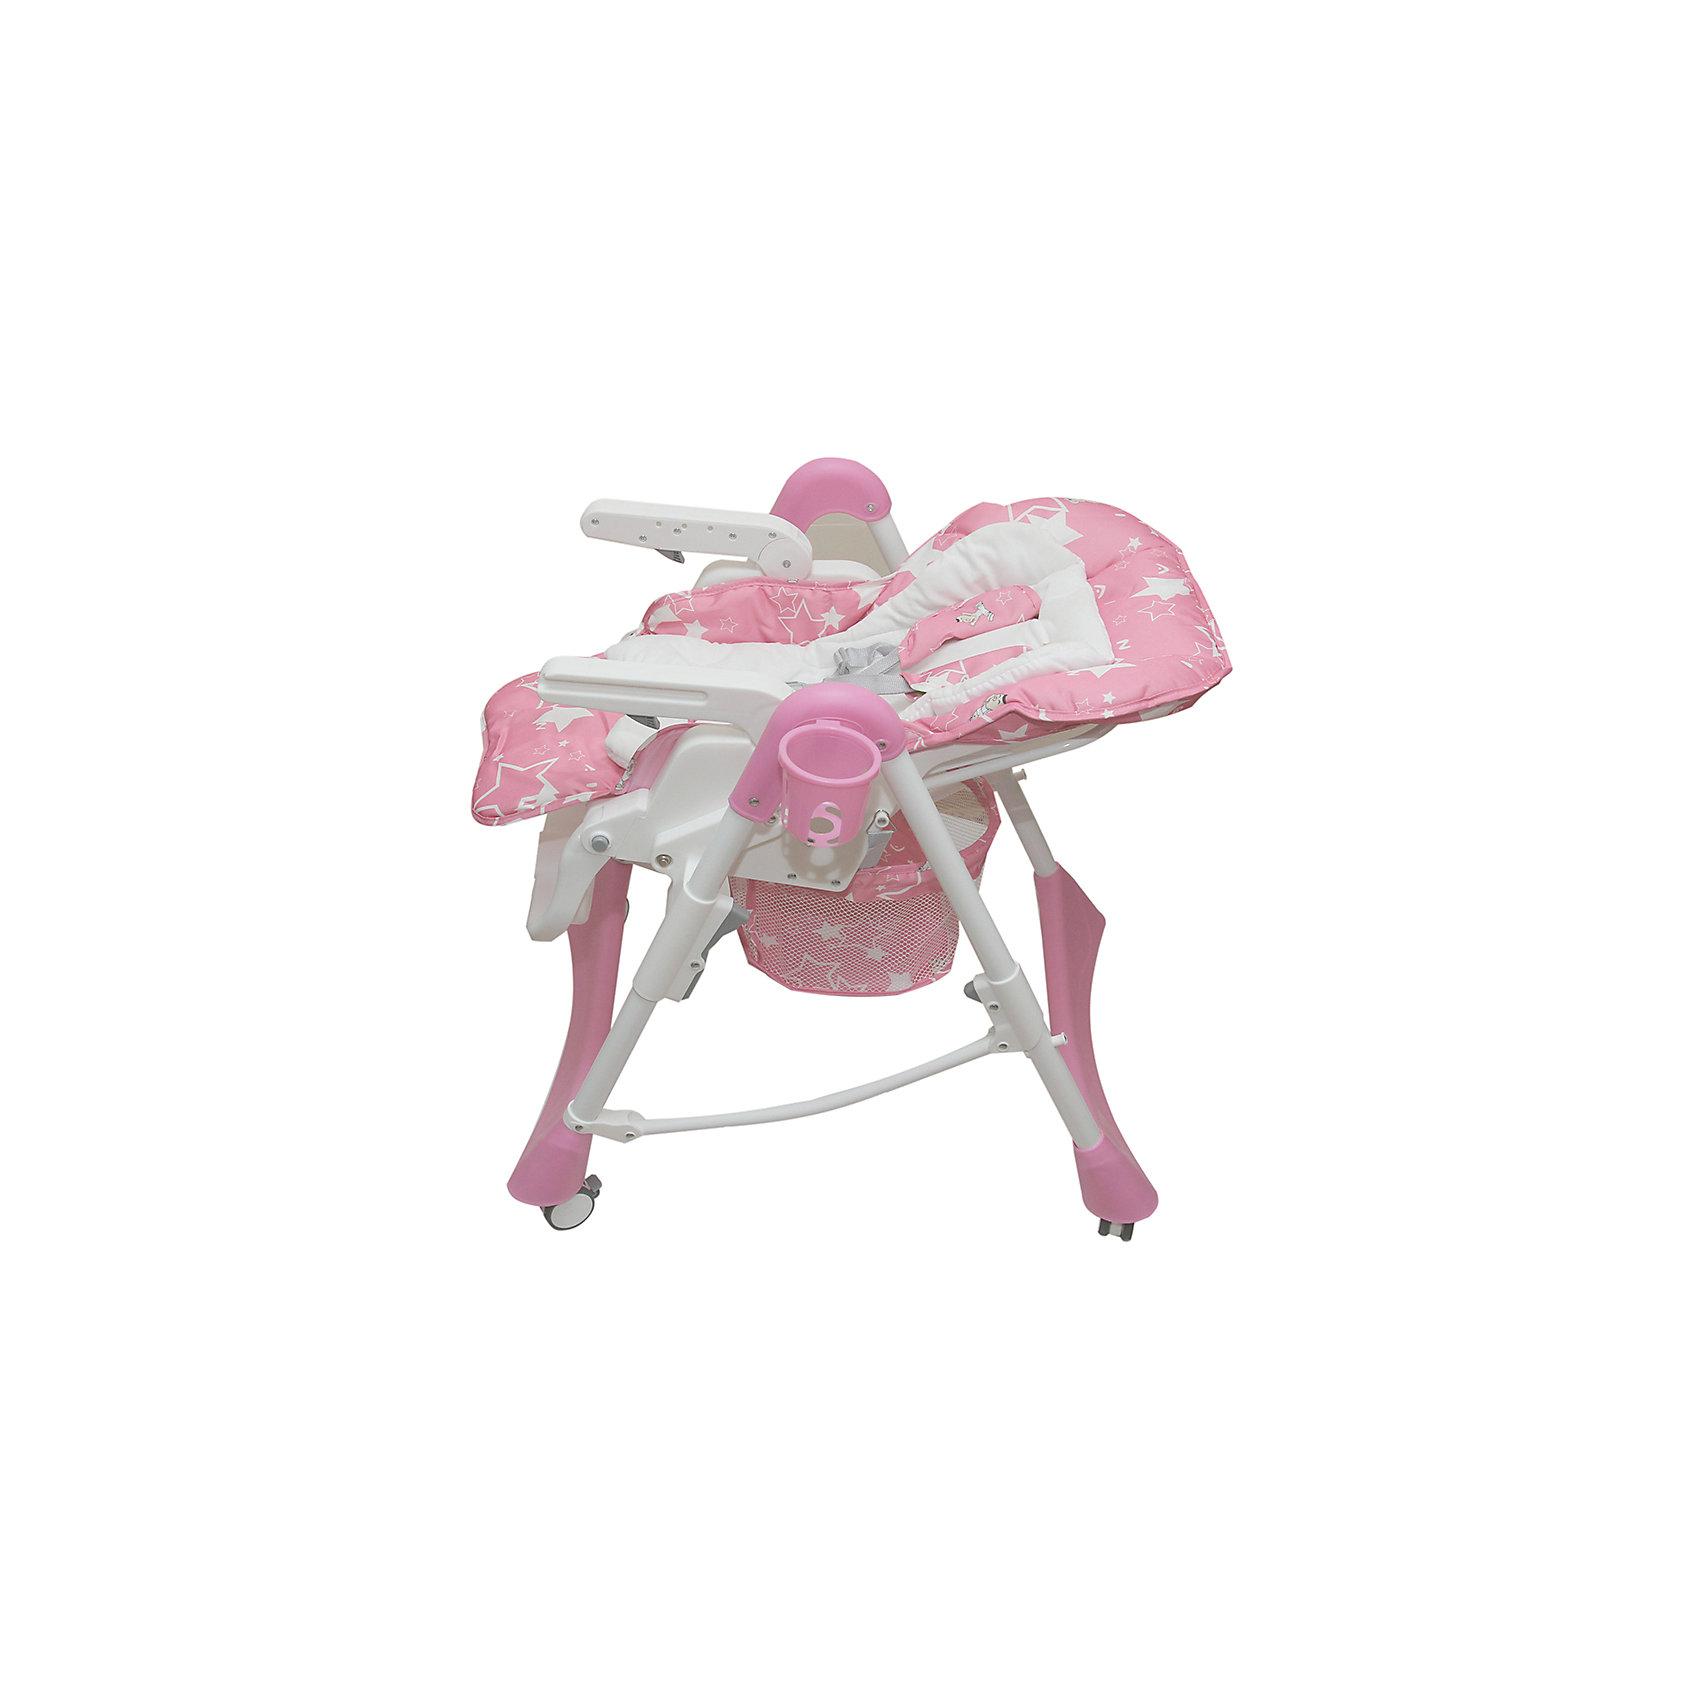 Pituso Стульчик для кормления Nana, Pituso, розовый pituso стульчик для кормления bonito дружок попугай pituso белый